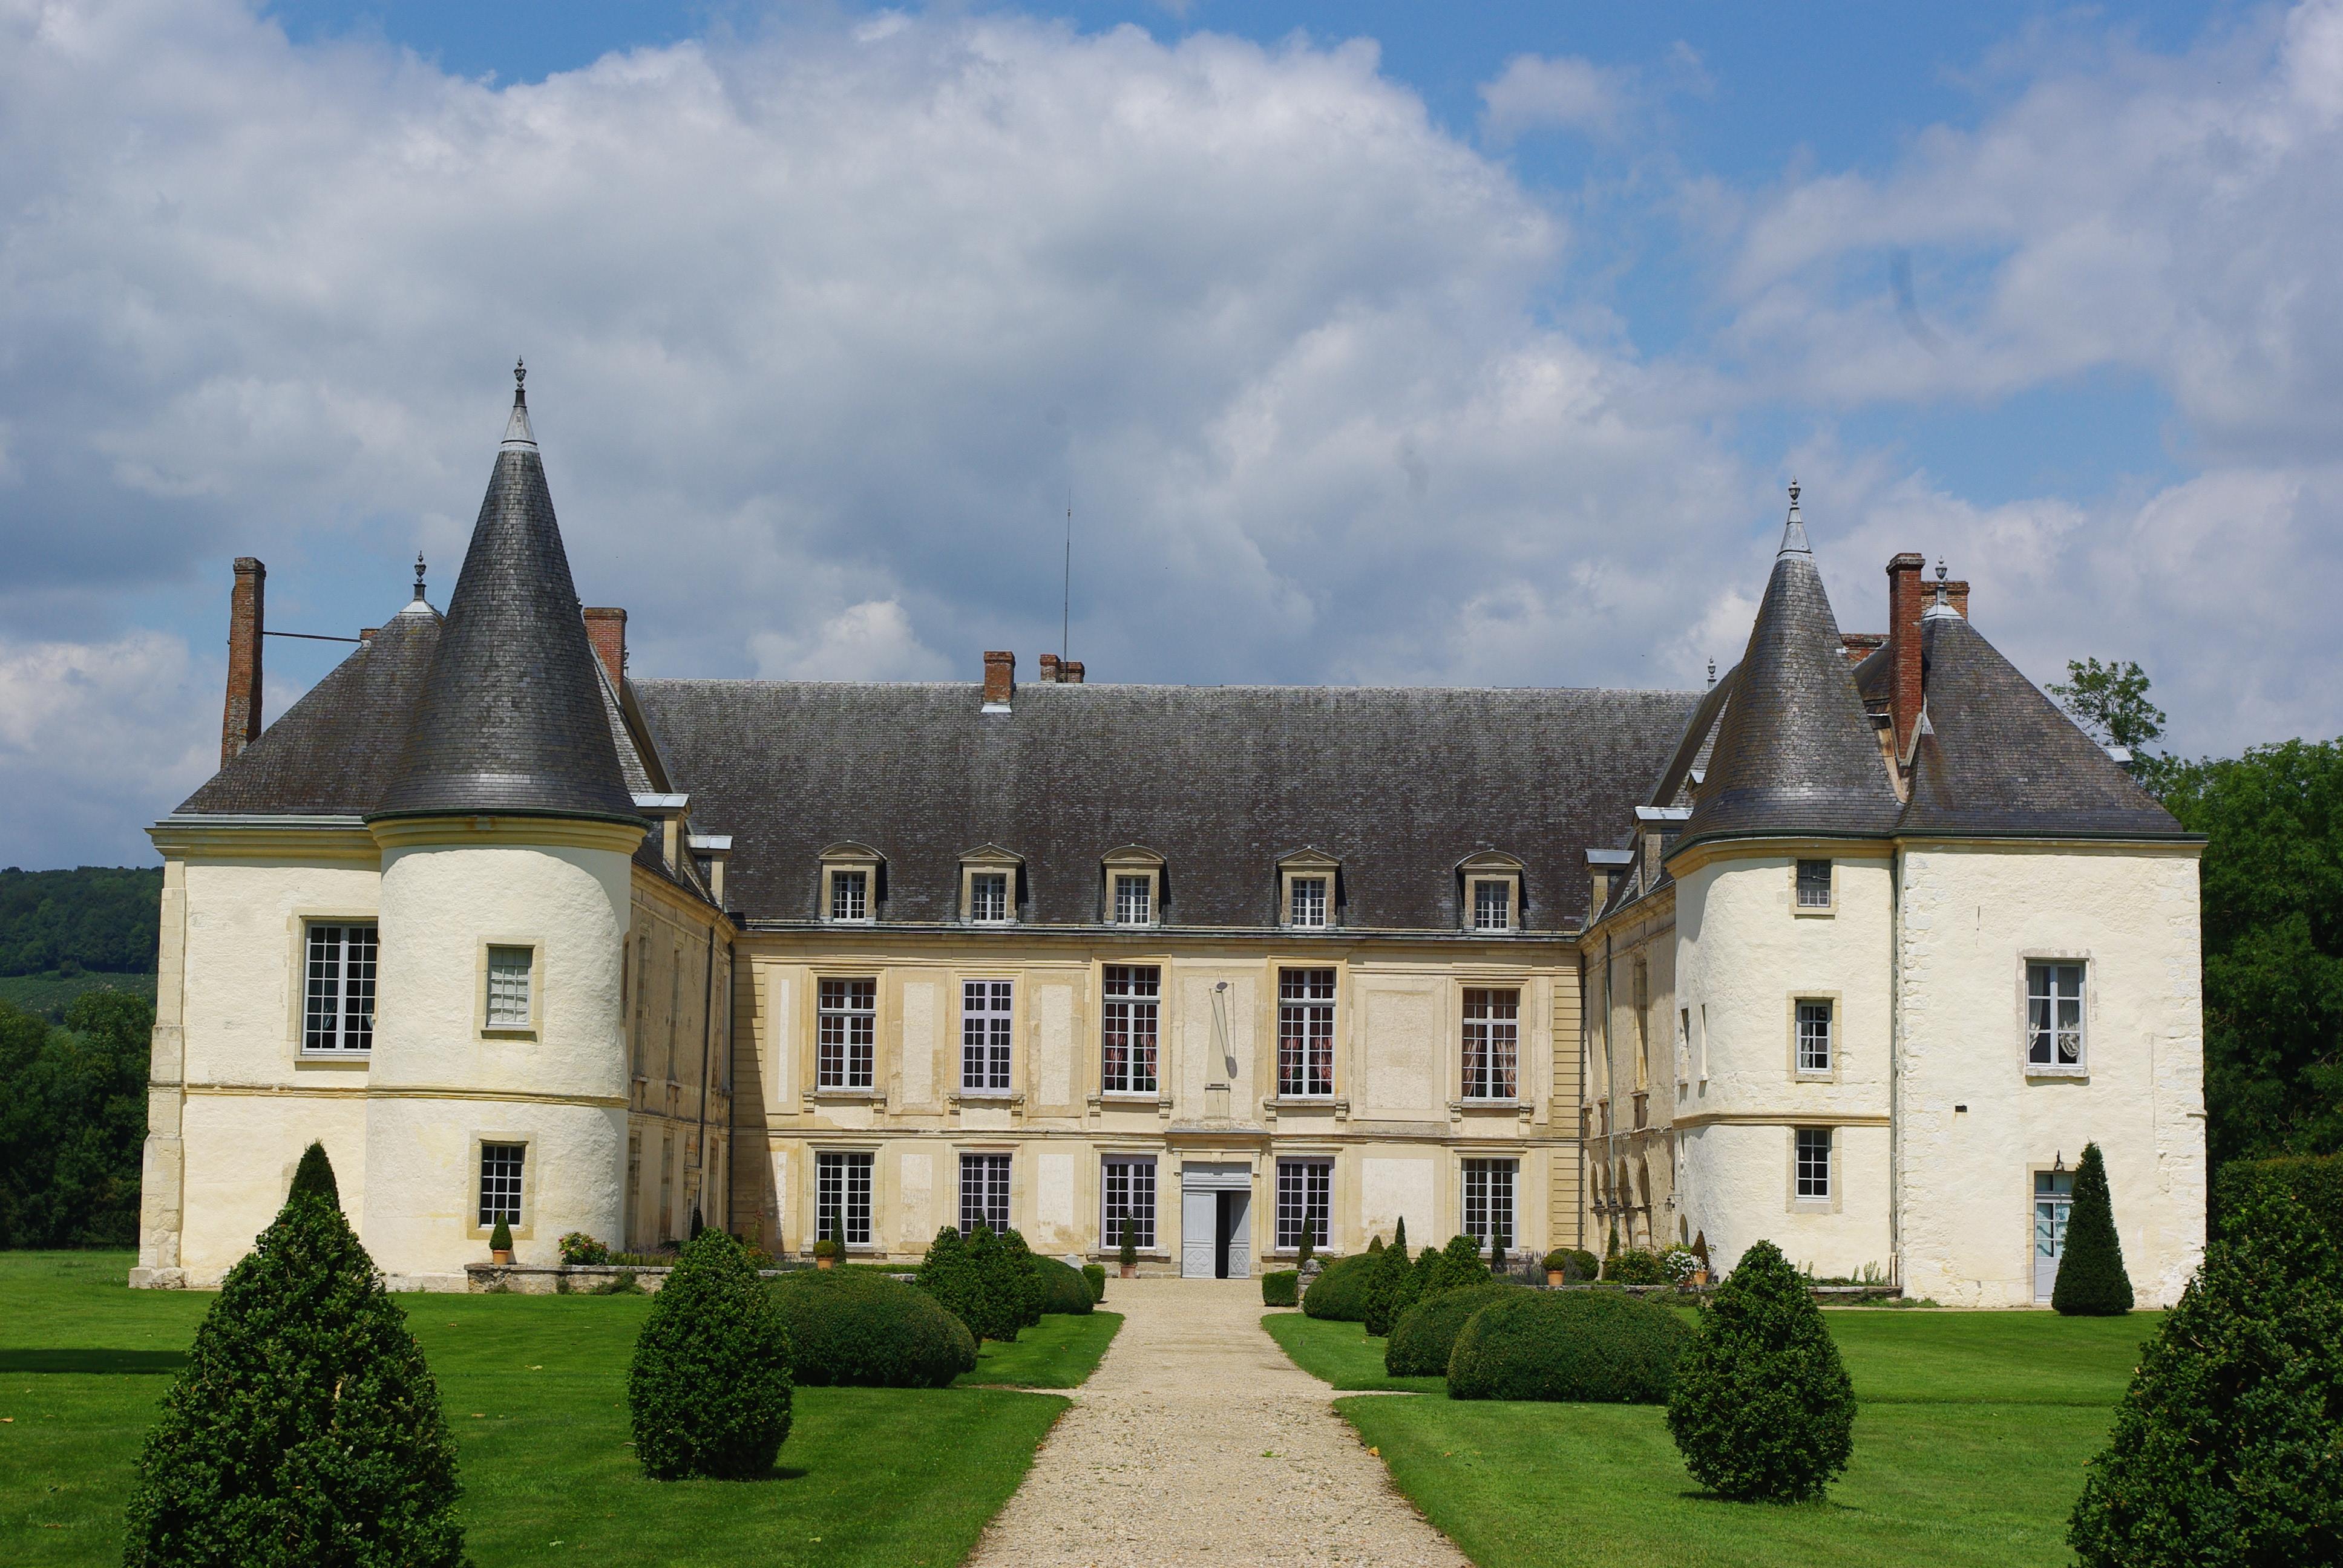 File:Chateau de Conde.jpg